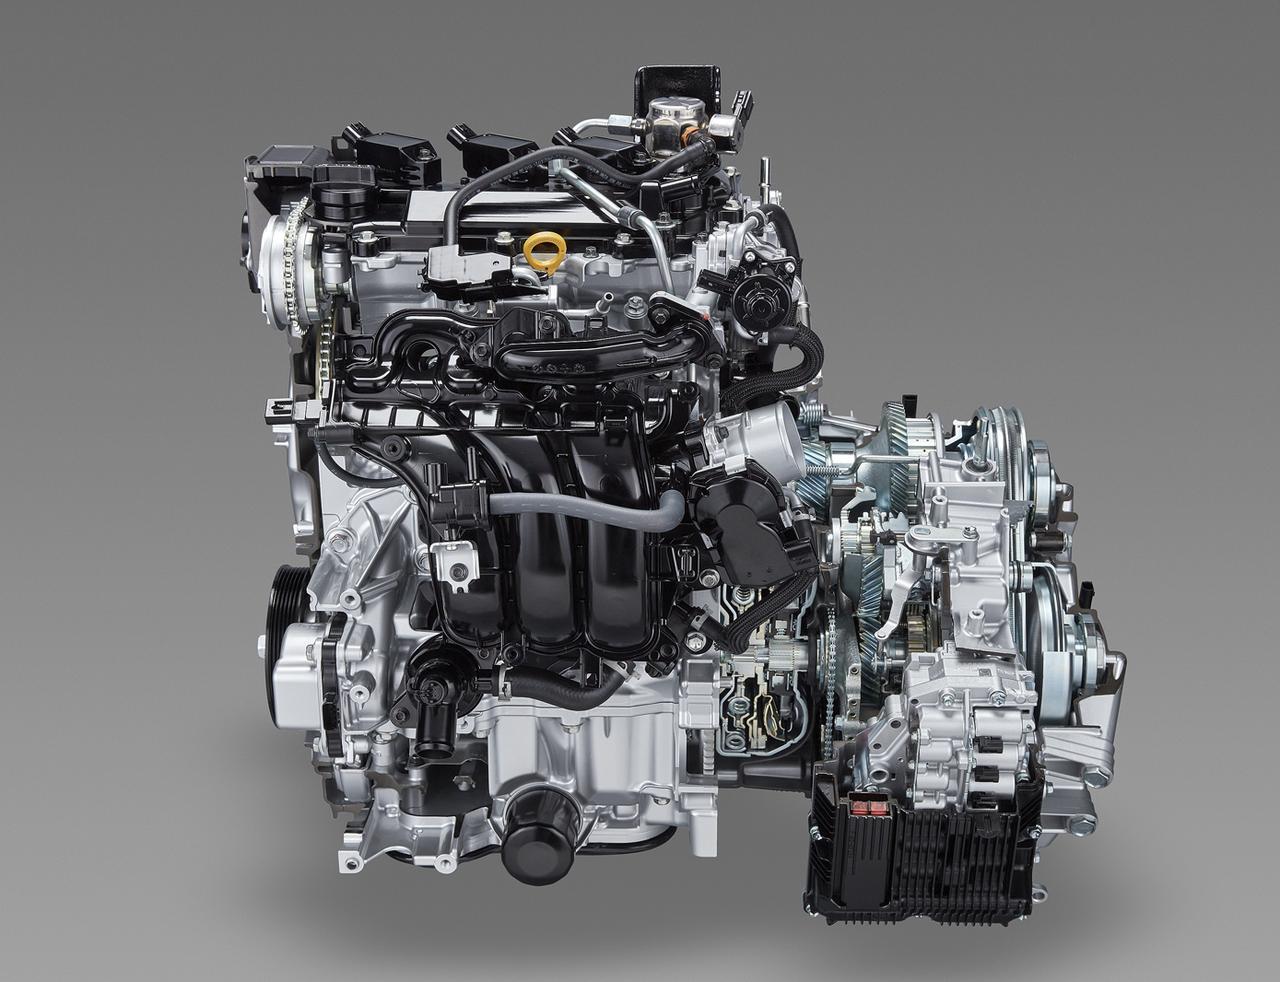 画像: ダイナミックフォースエンジン第3弾は1.5リッター直3のM15A型。写真はNAガソリンのM15A-FKSで、発進ギア付ワイドレンジCVT(Direct Shift-CVT)との組み合わせでキビキビとした走りを実現する。